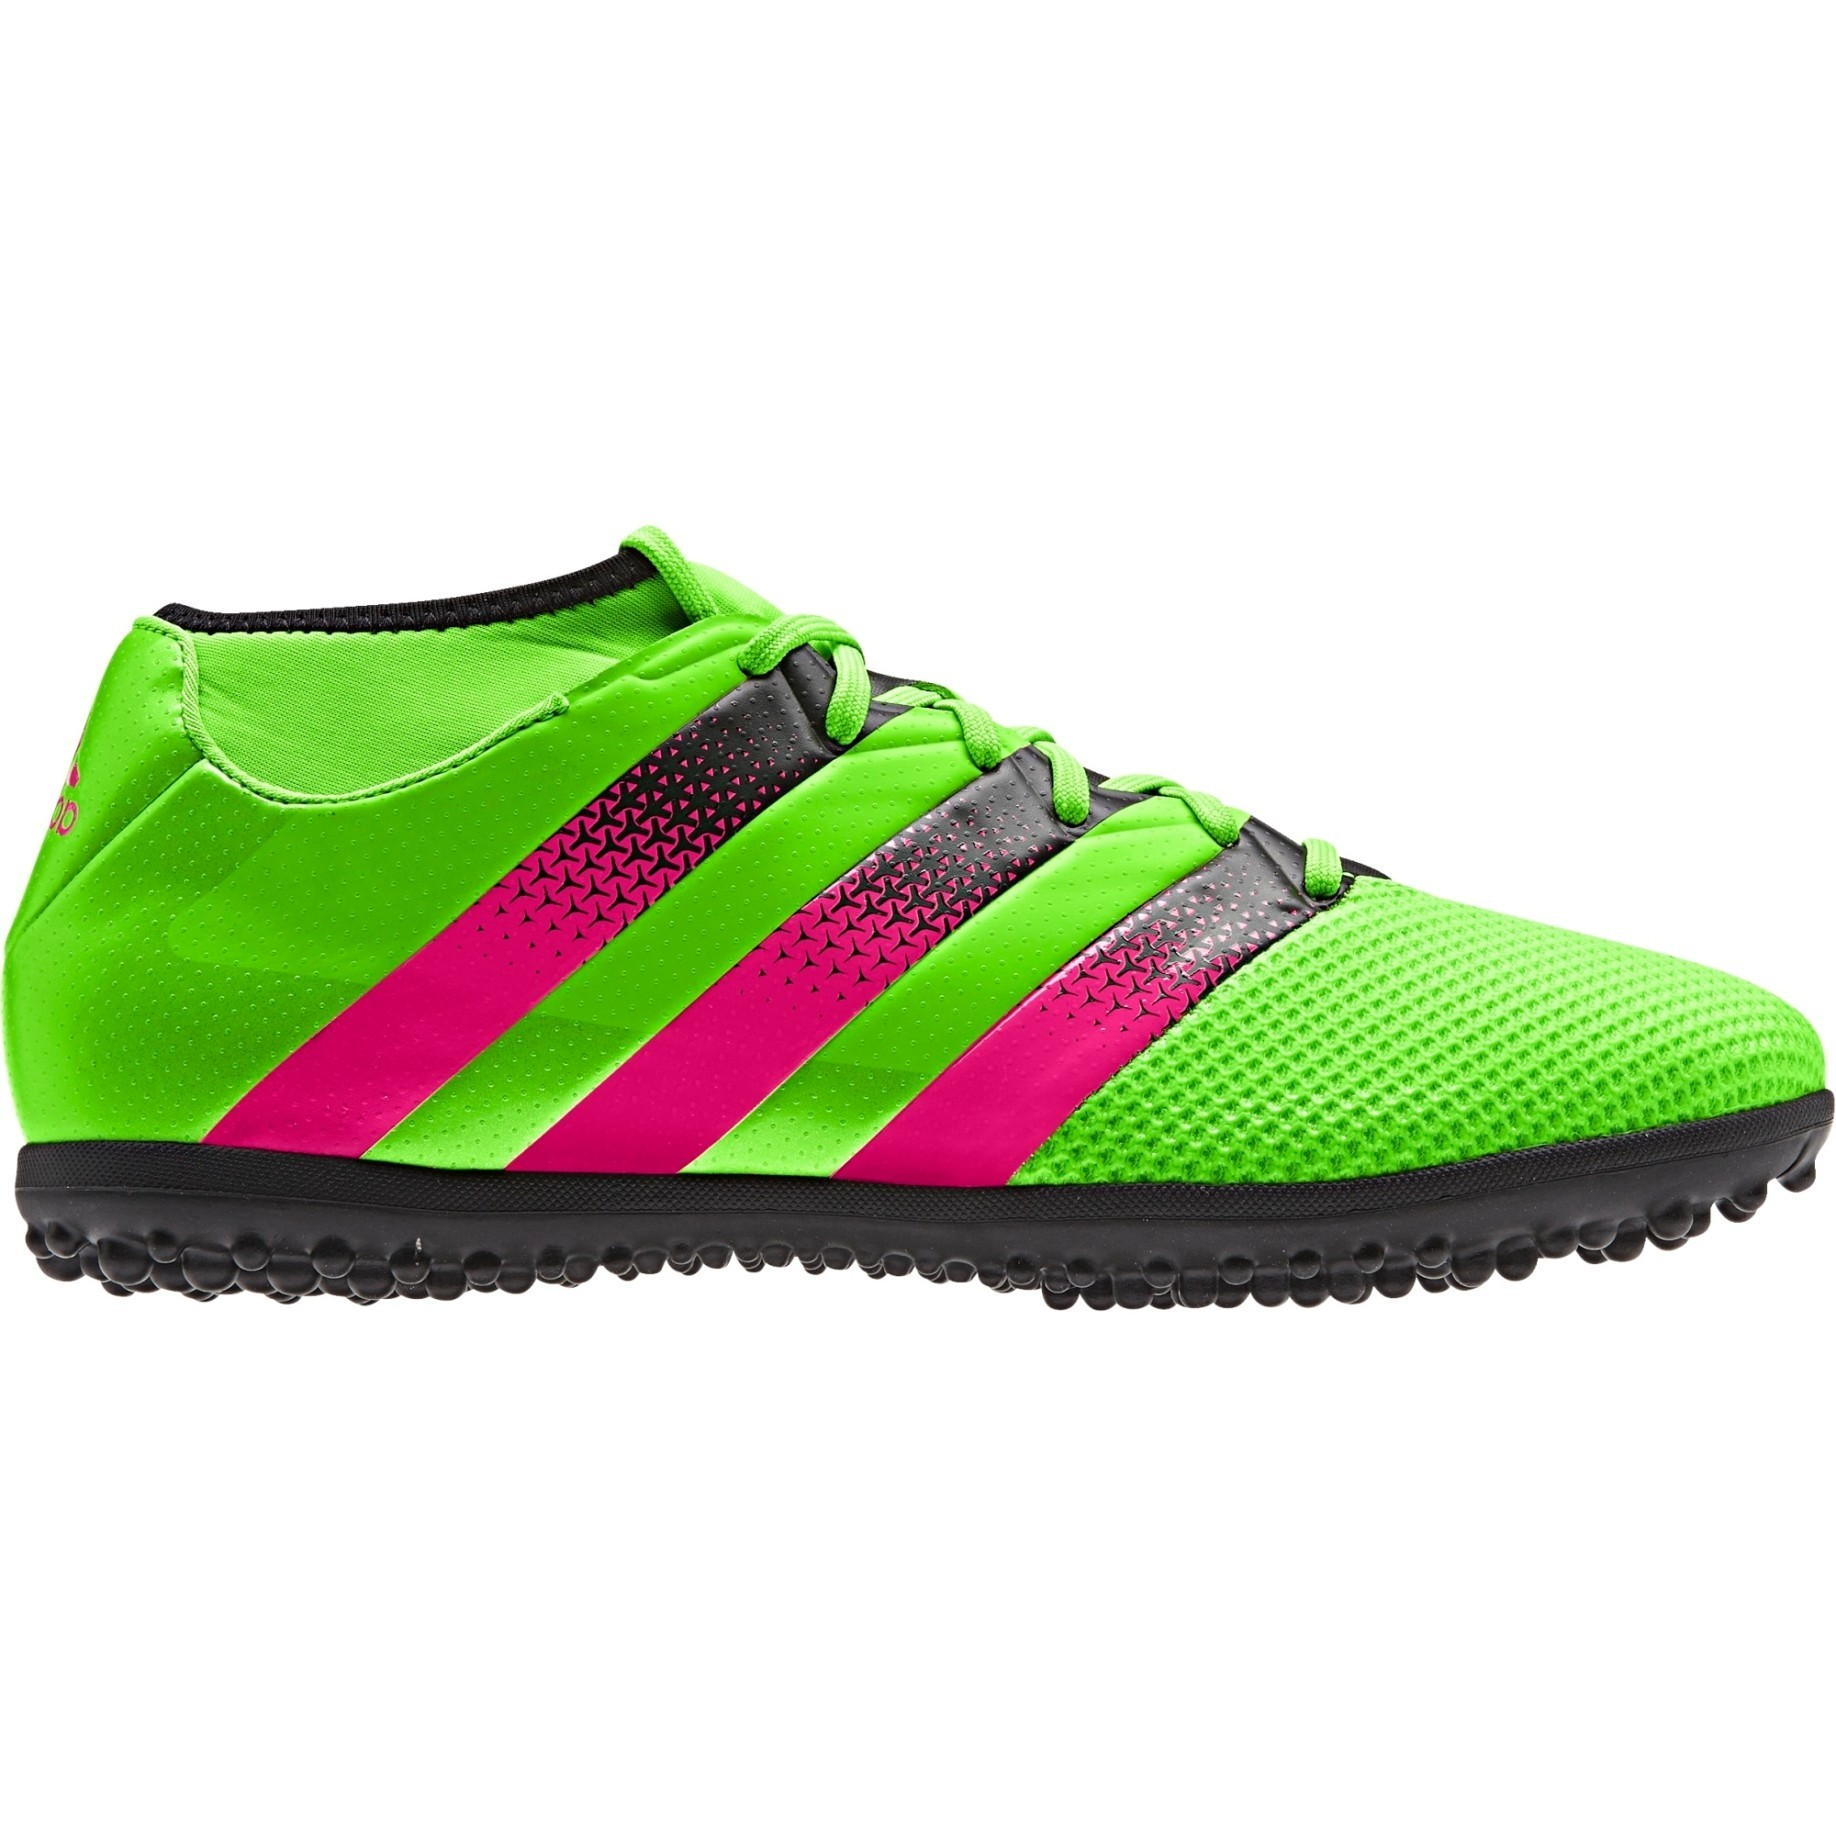 Scarpe Calcetto Adidas Ace 16.3 Primemesh TF